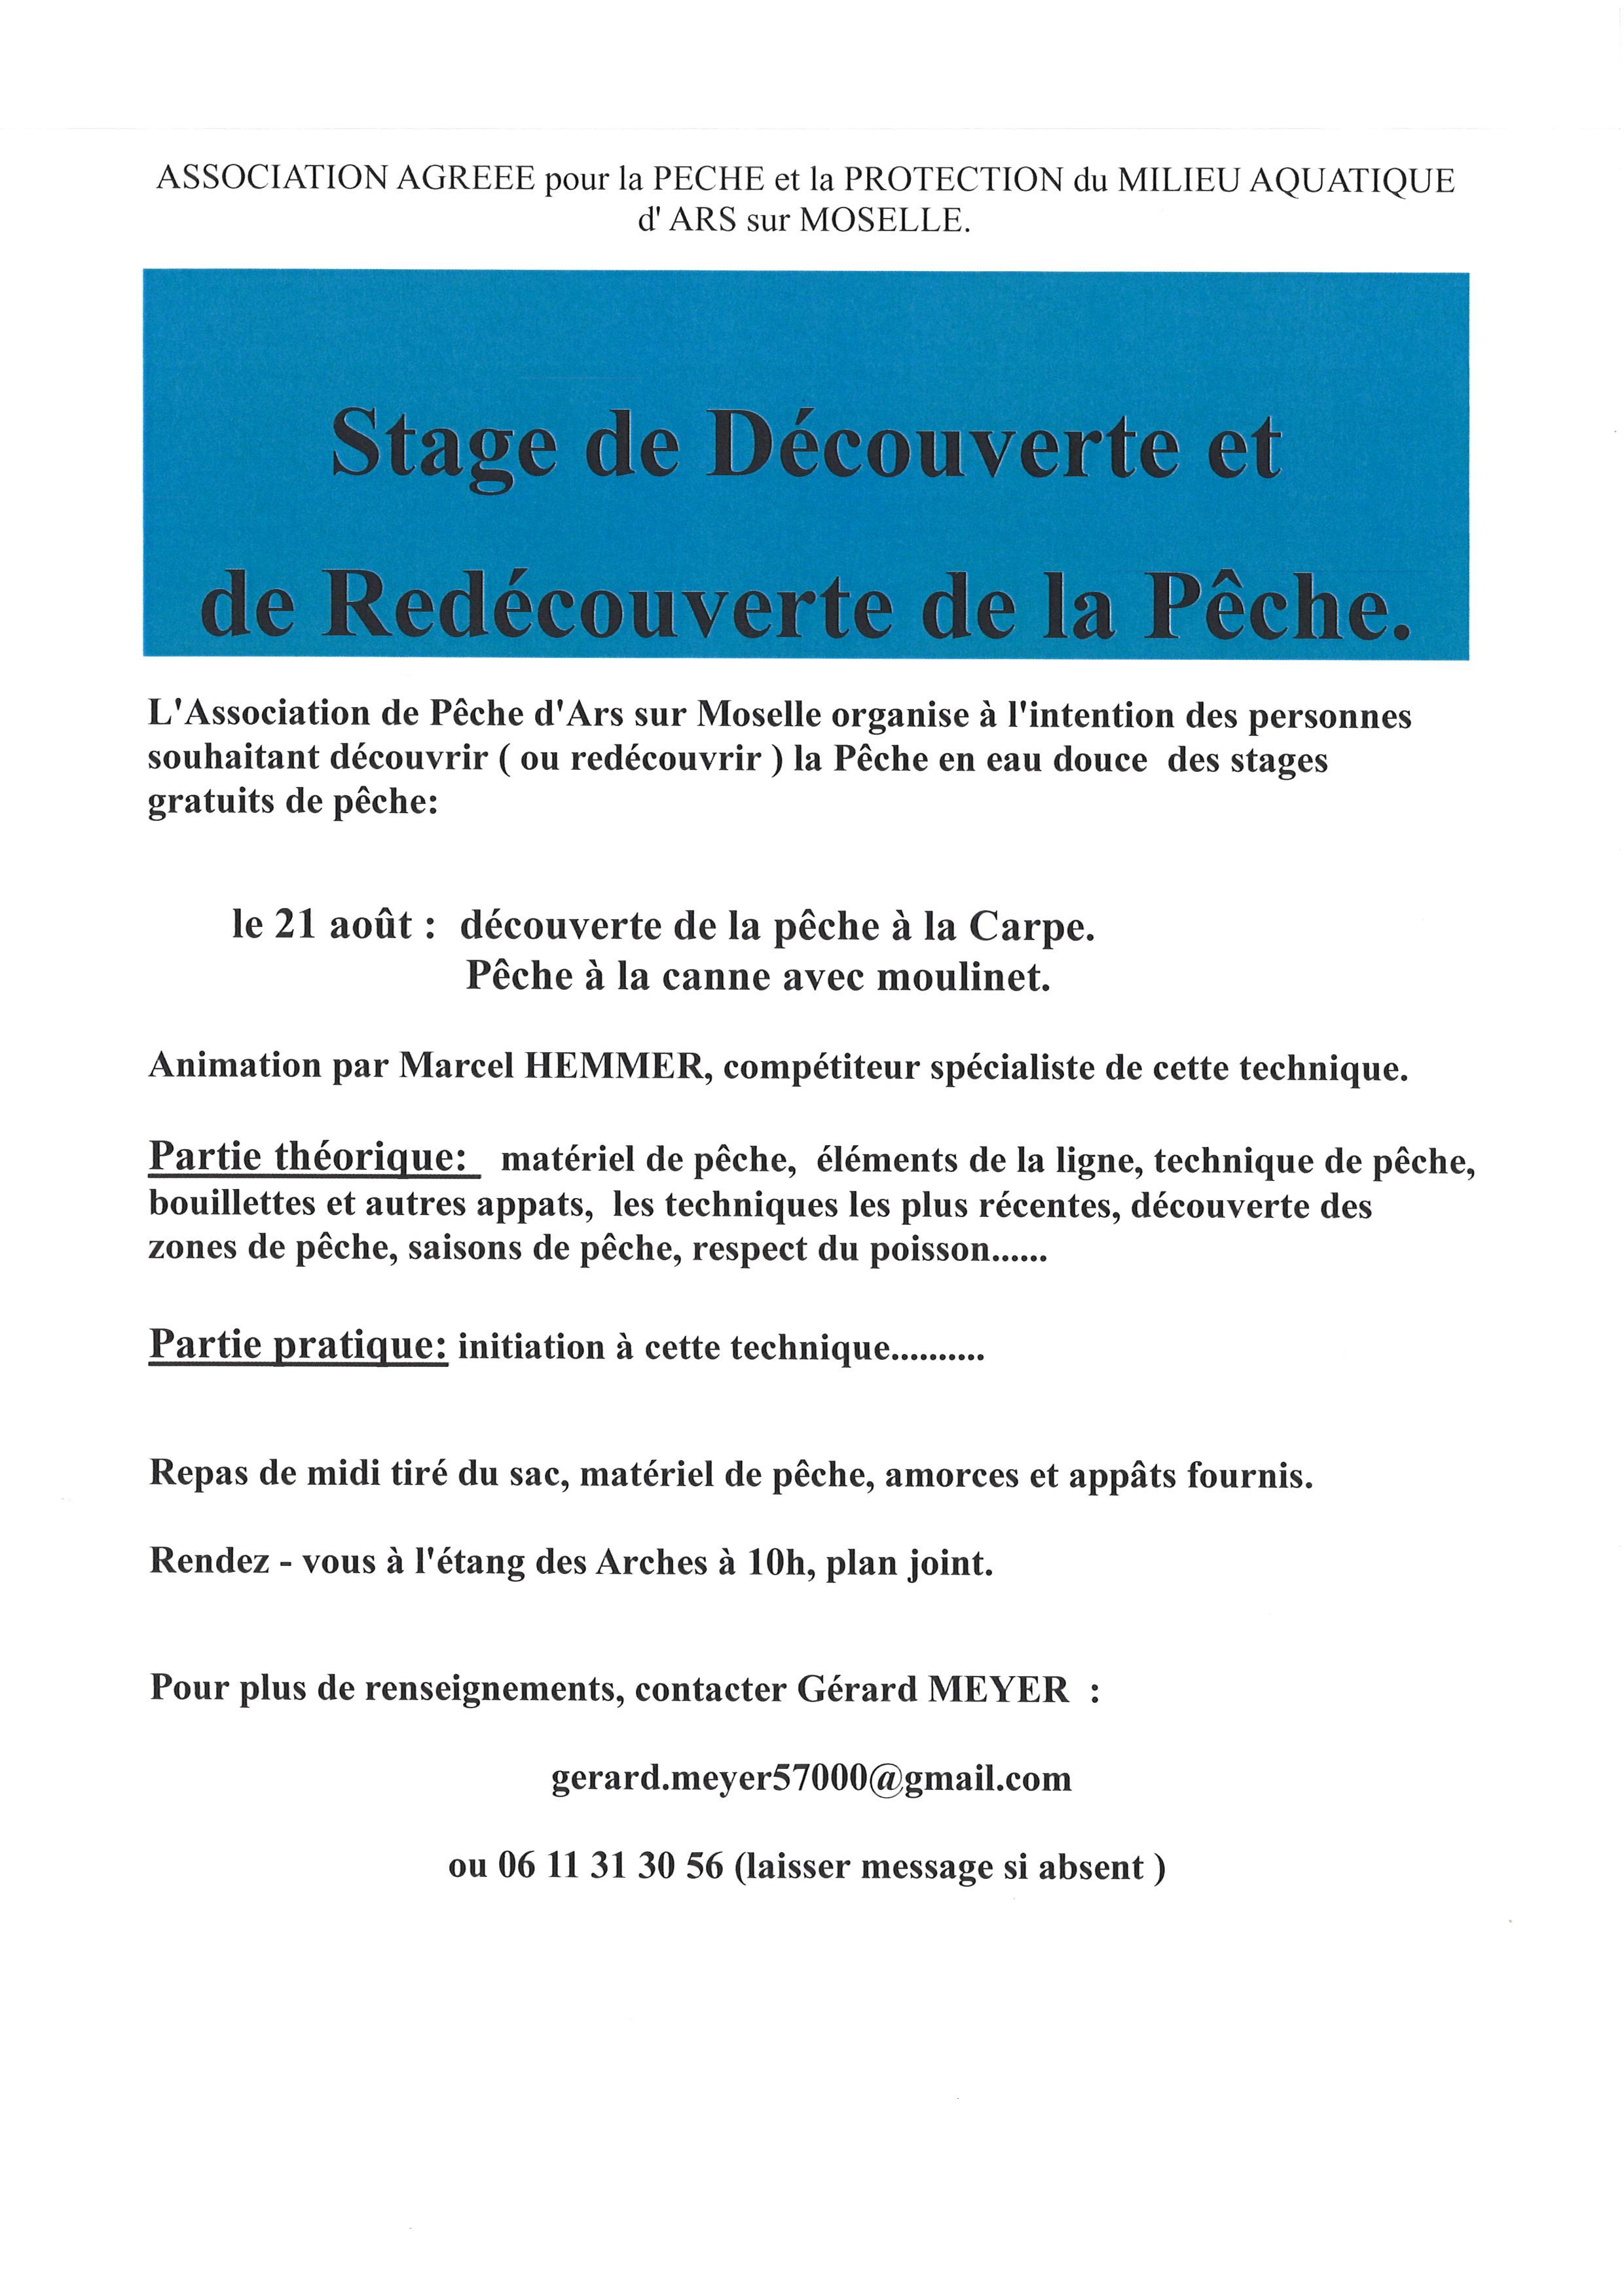 STAGE DE DECOUVERTE et de REDECOUVERTE DE LA PECHE mercredi 21 août